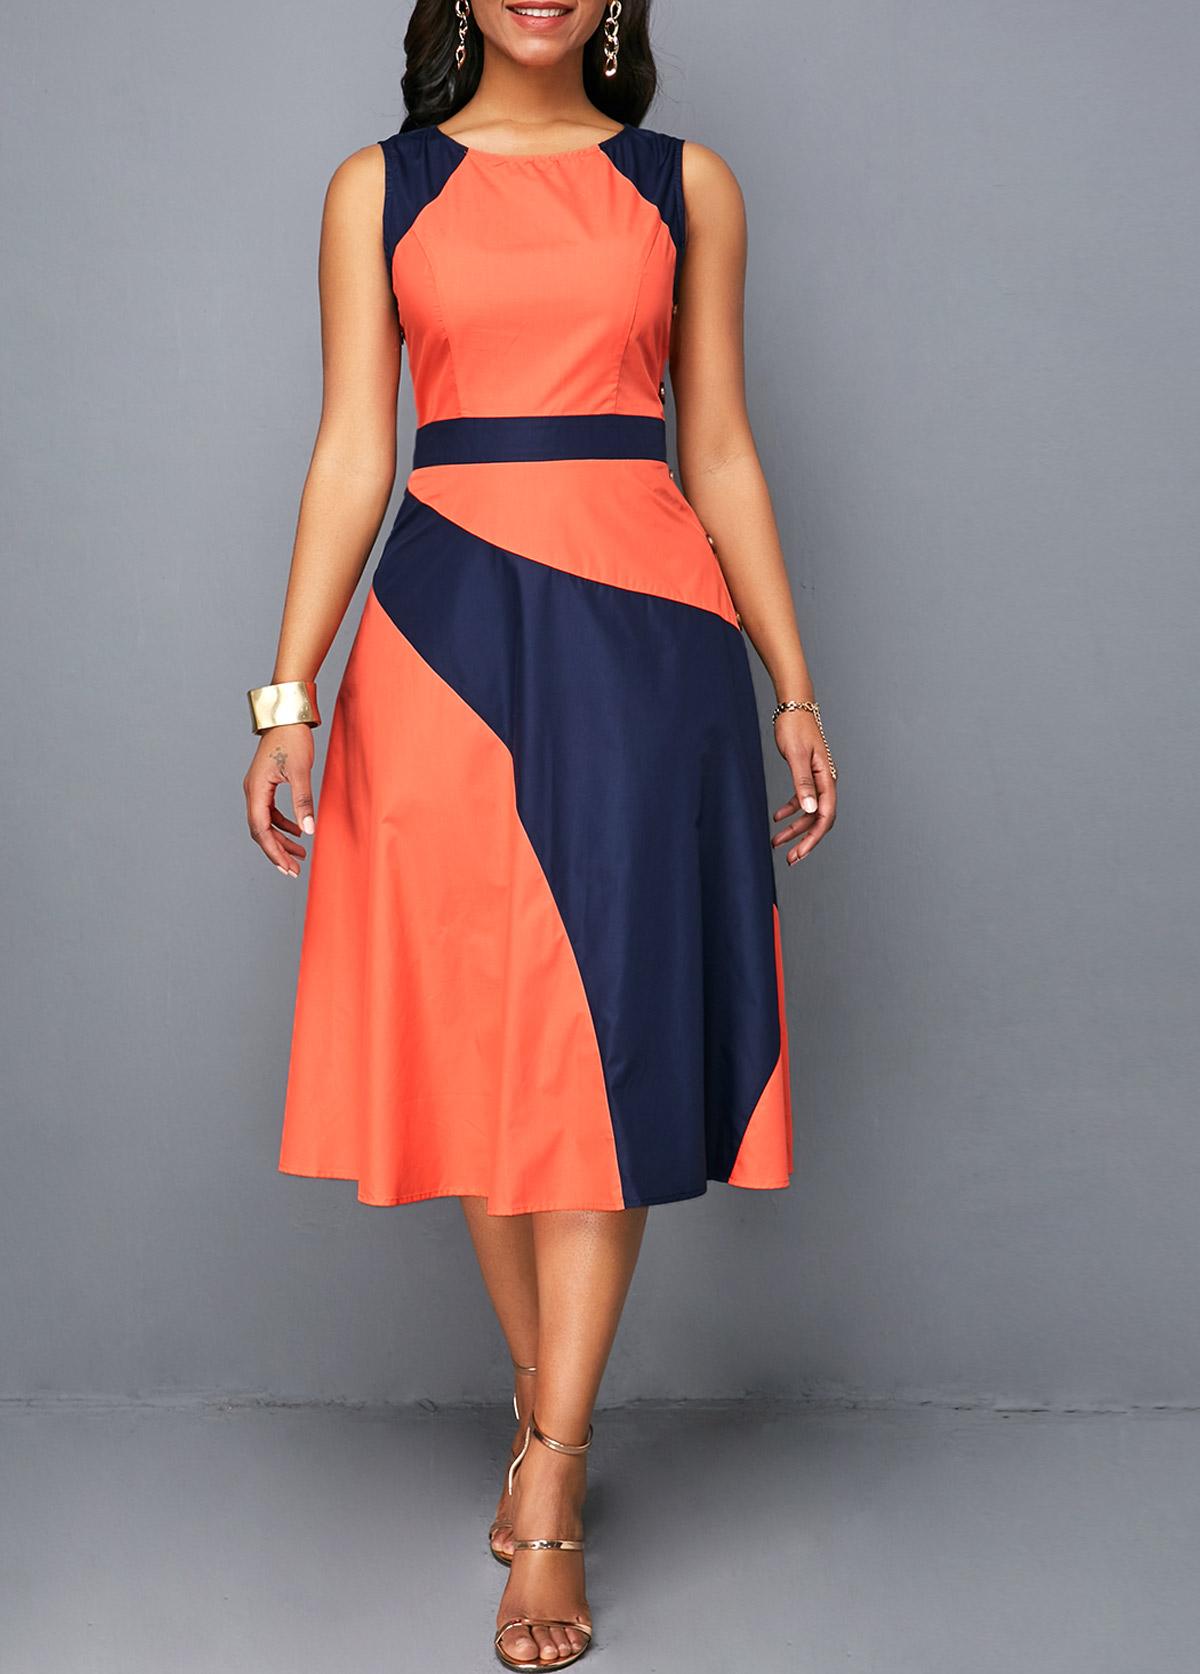 b774ce580a63 Button Detail Sleeveless High Waist Dress | modlily.com - USD $30.36